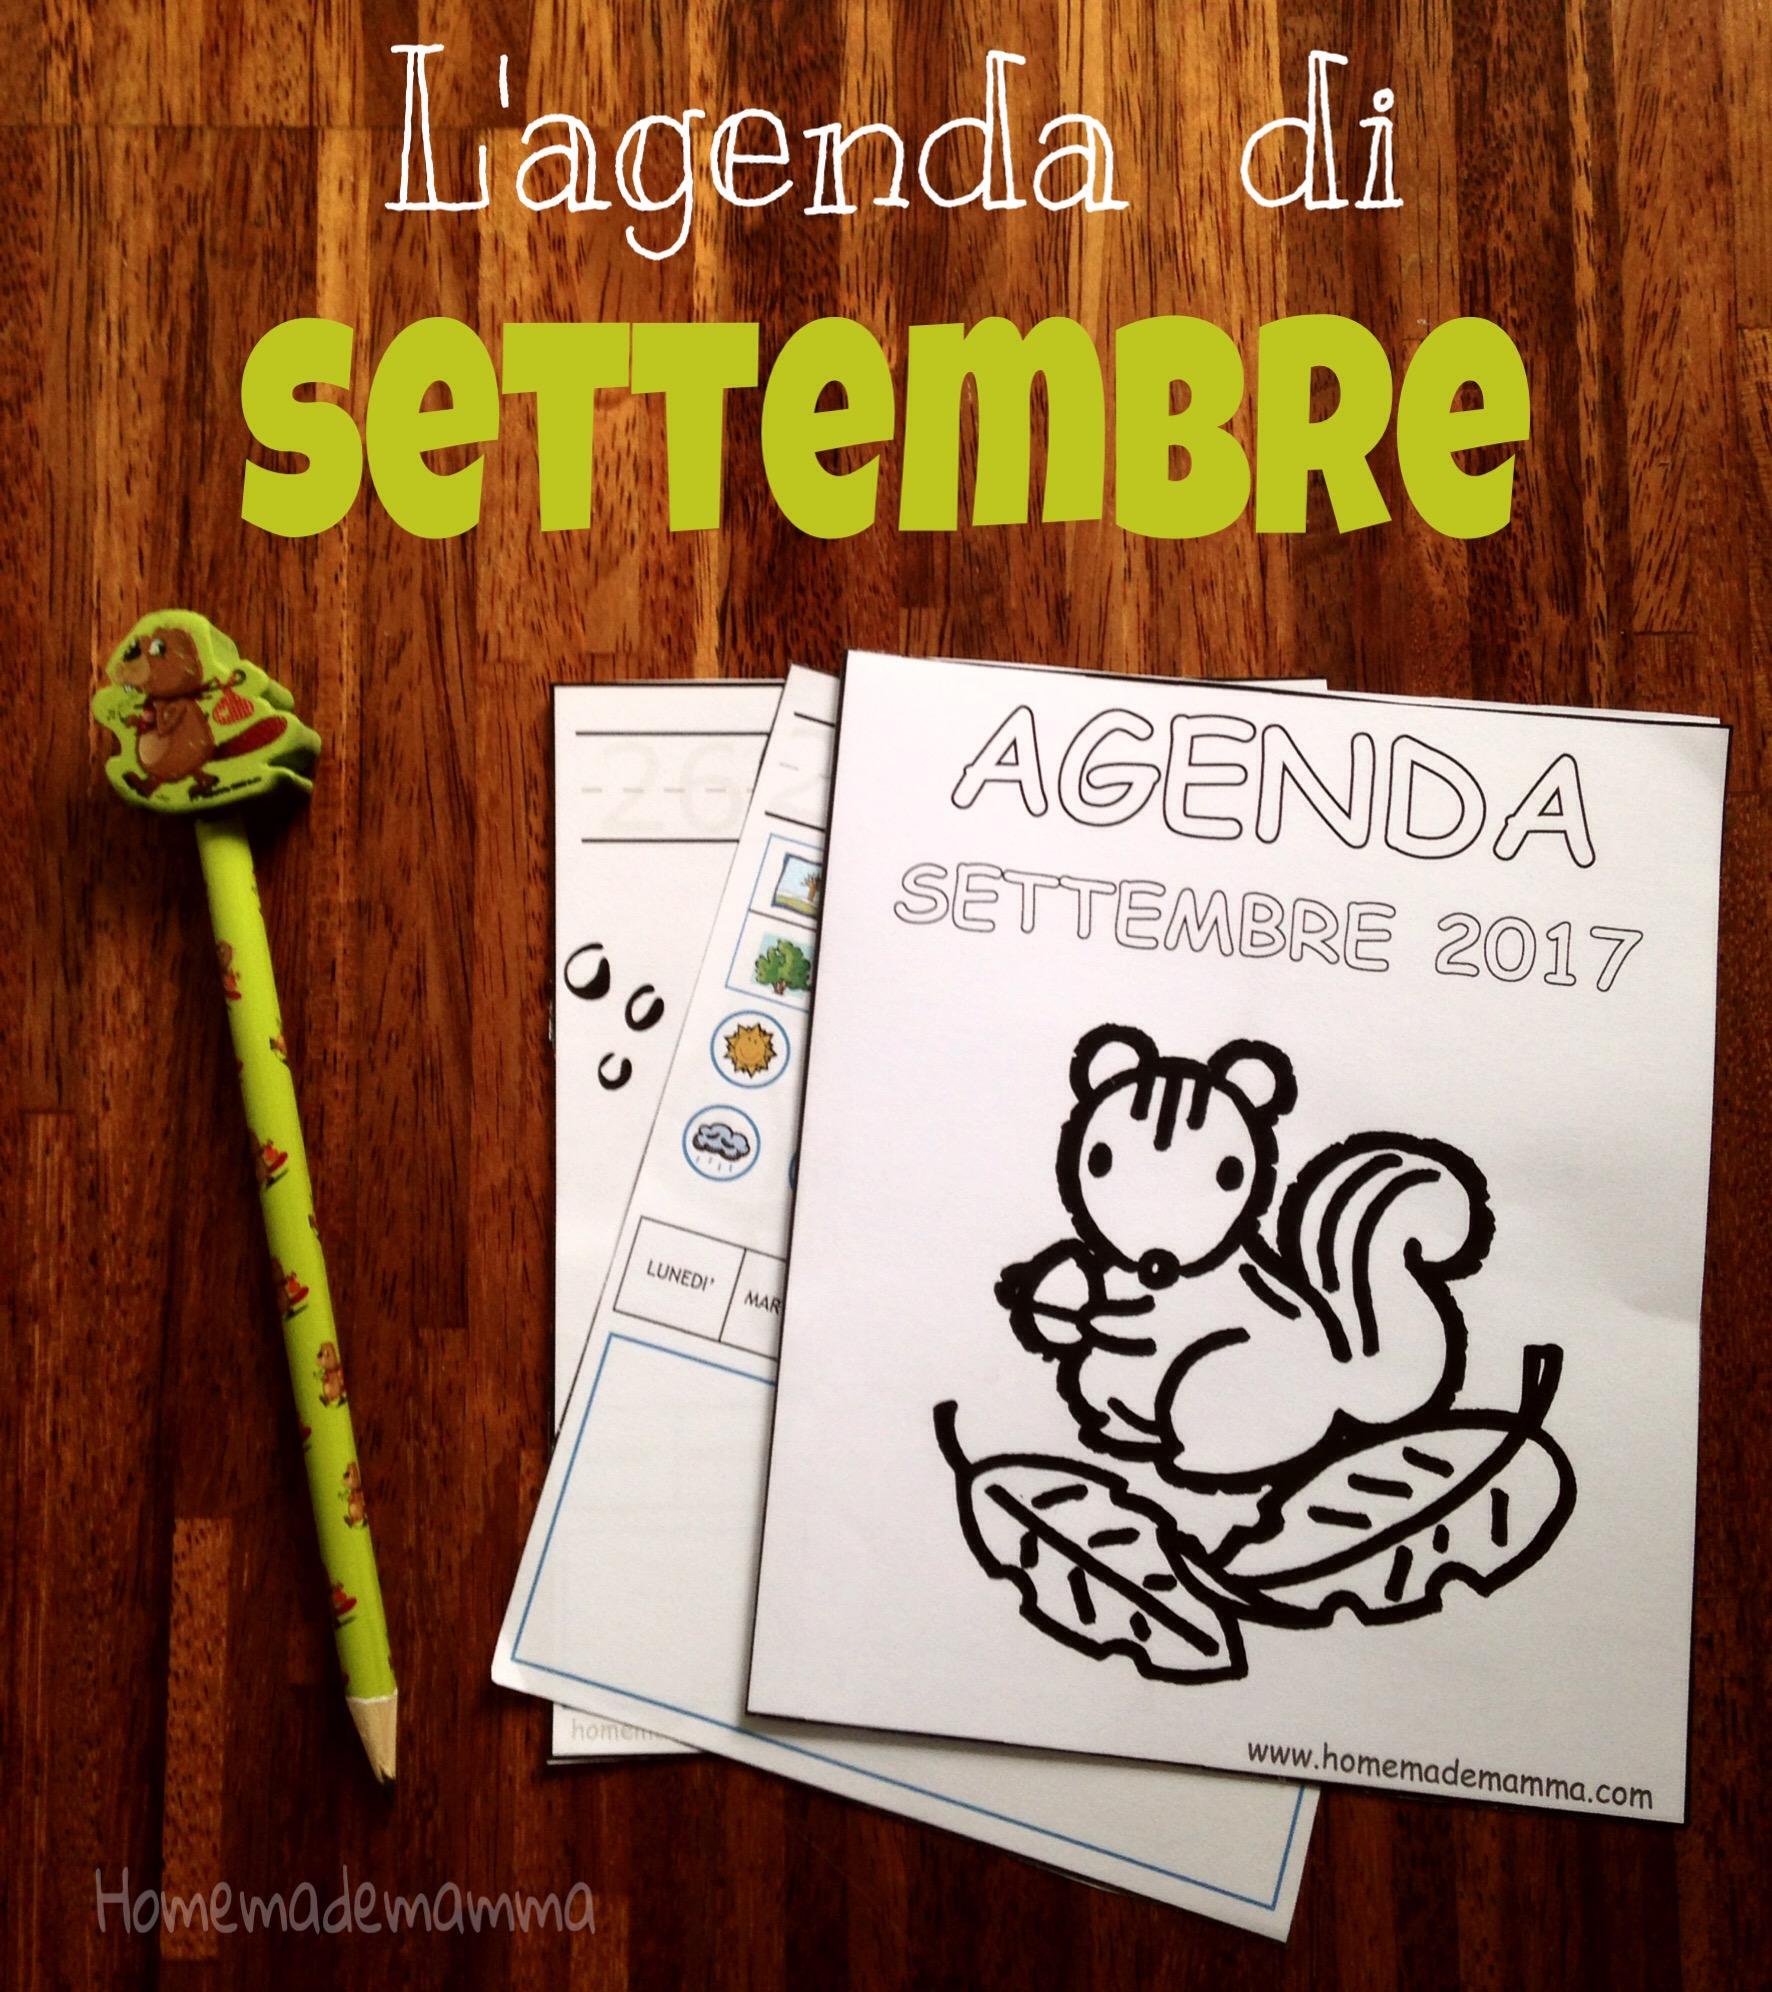 agenda settembre 2017 per bambini da stampare